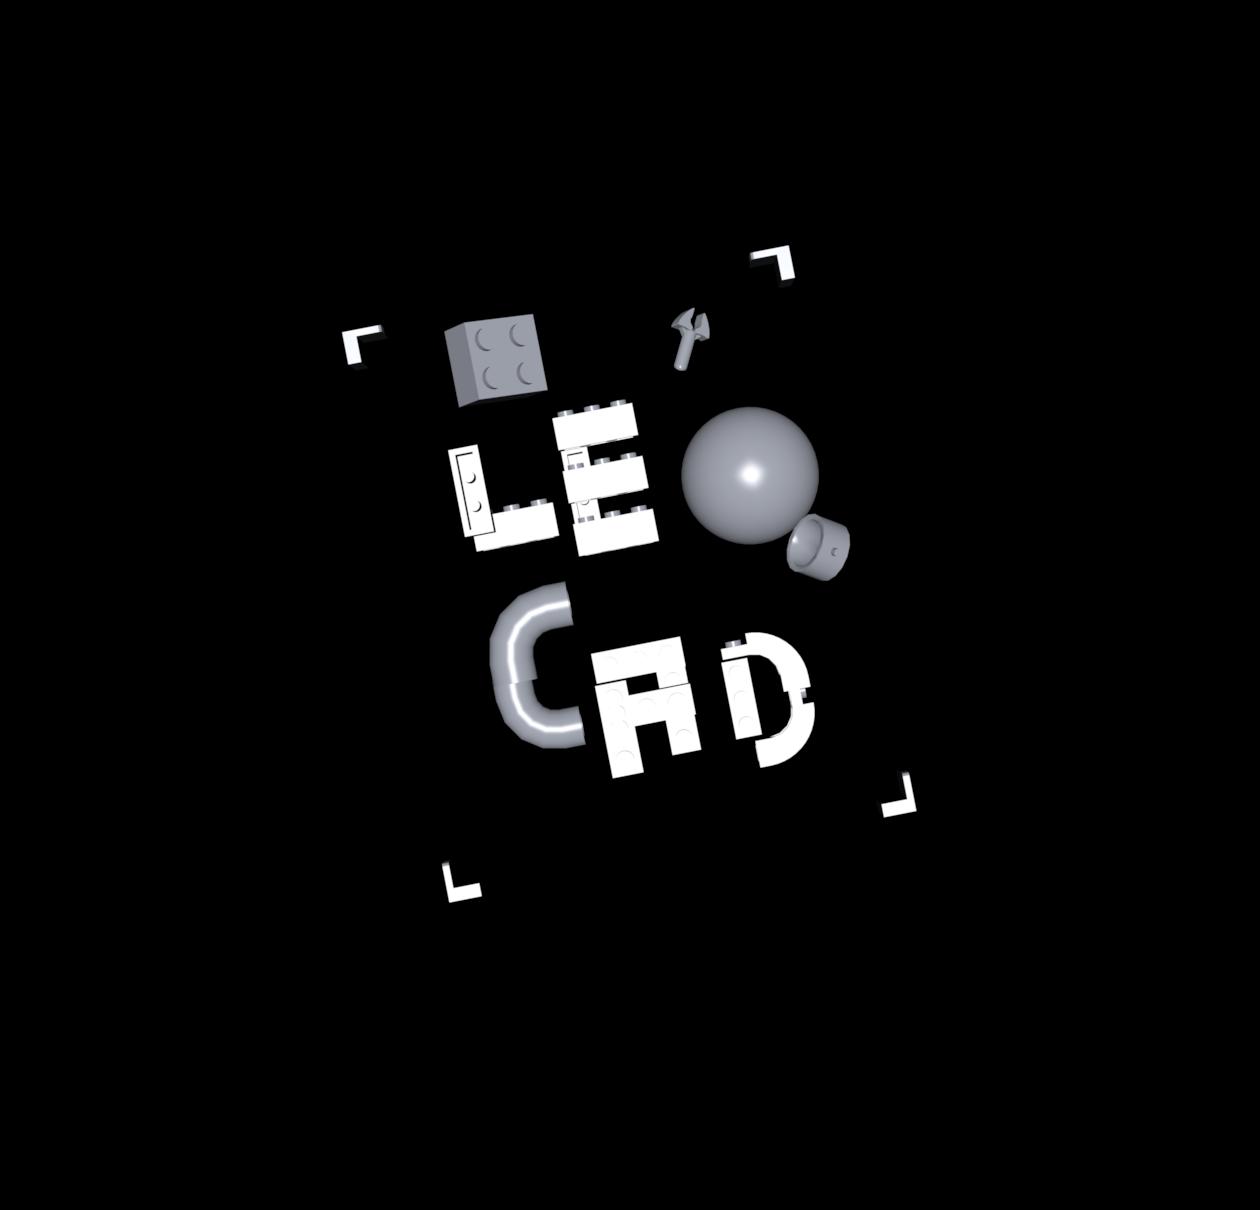 content/images/Leocadlog.png